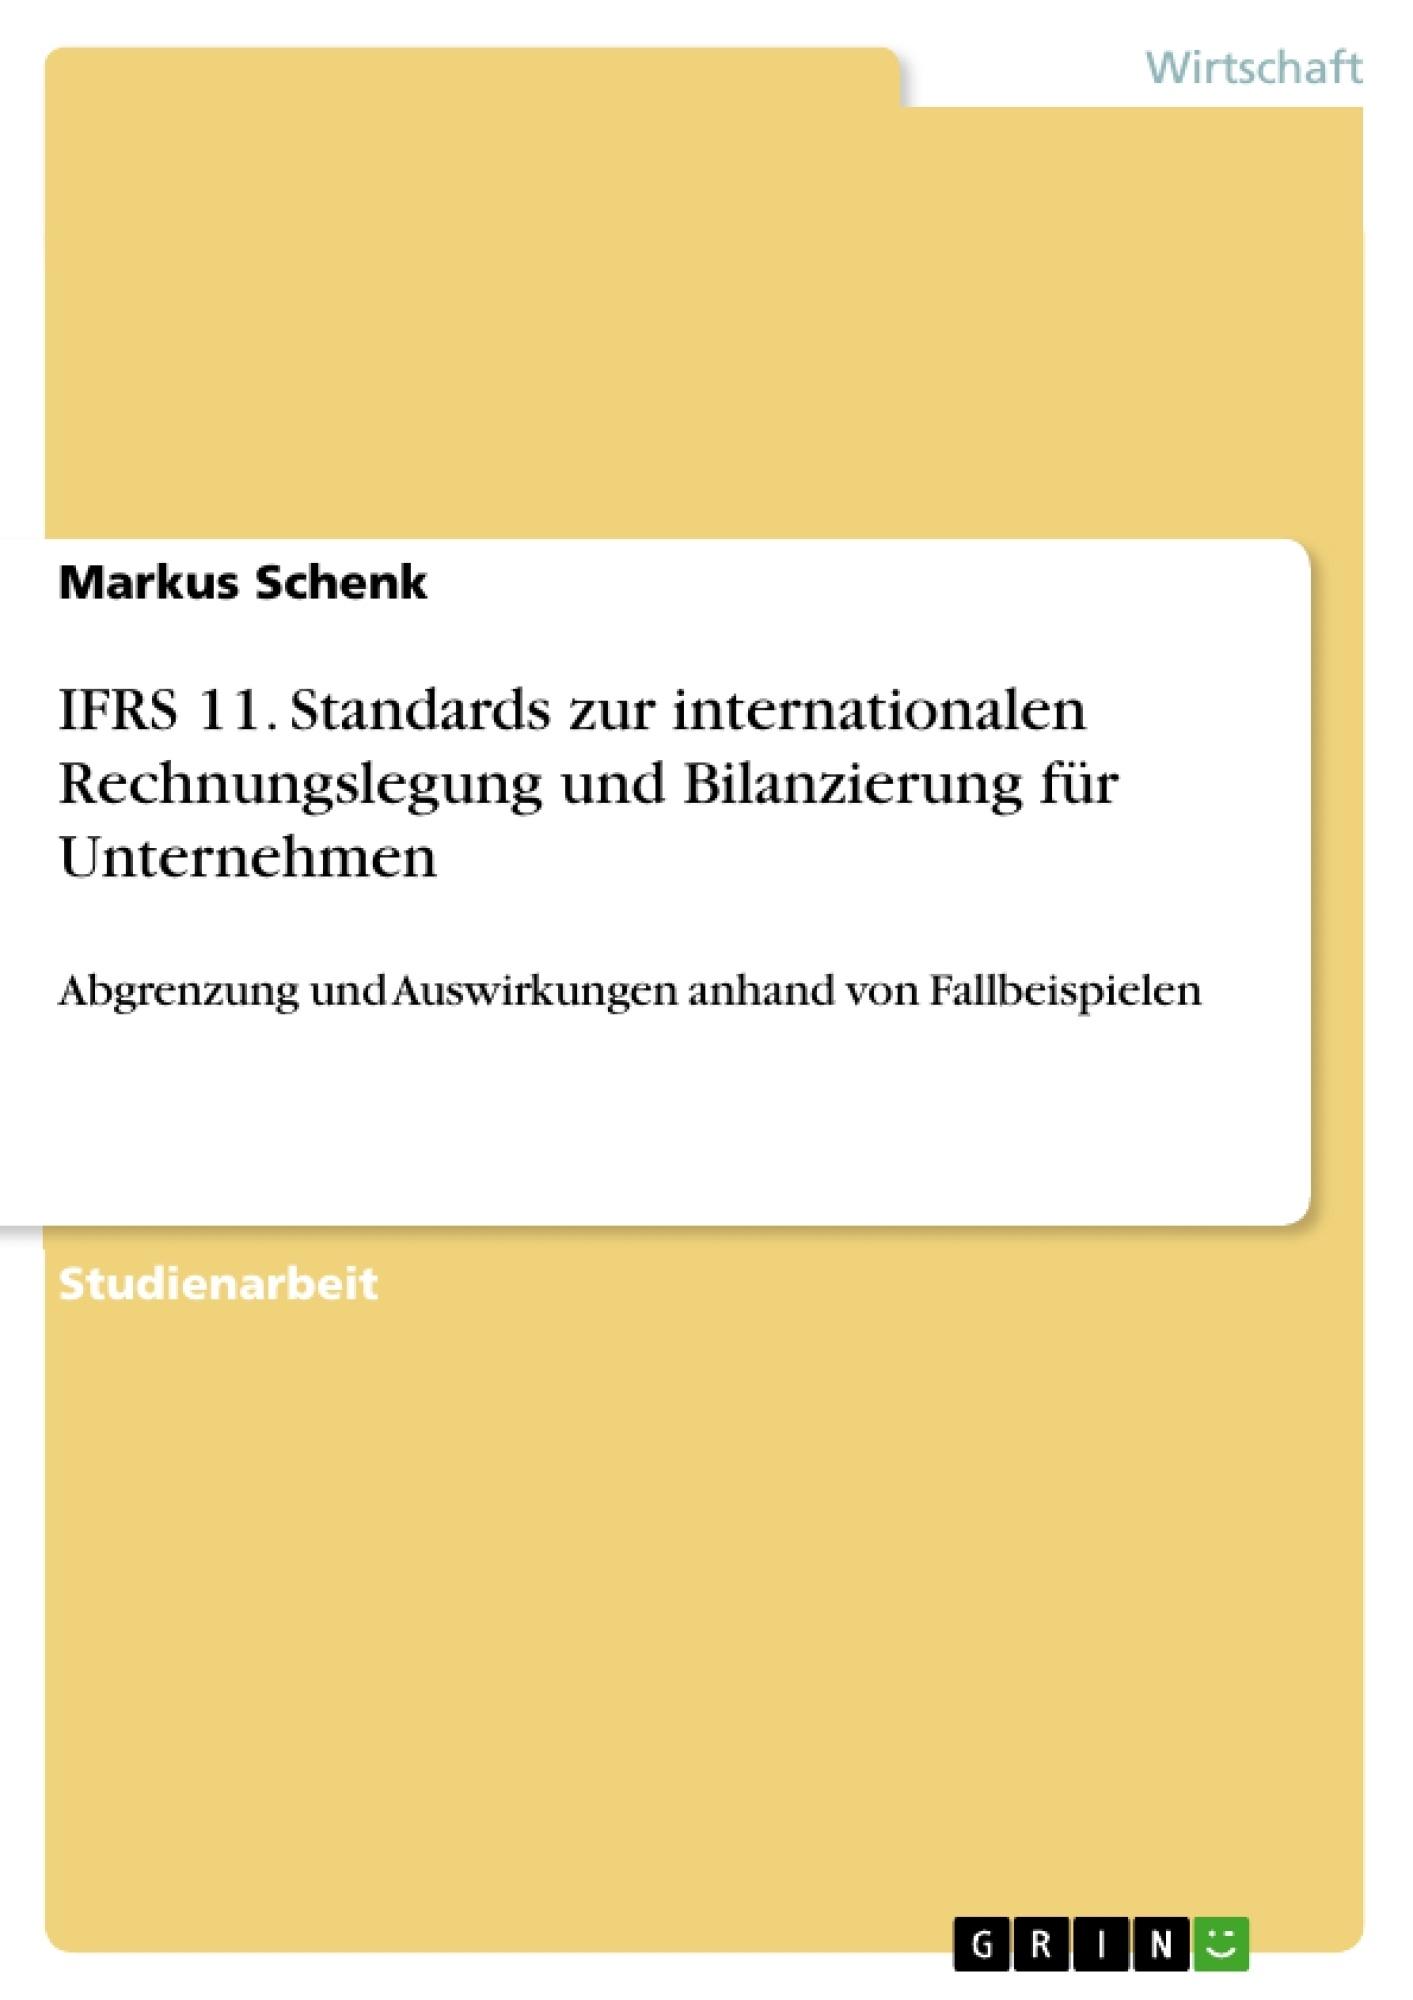 Titel: IFRS 11. Standards zur internationalen Rechnungslegung und Bilanzierung für Unternehmen